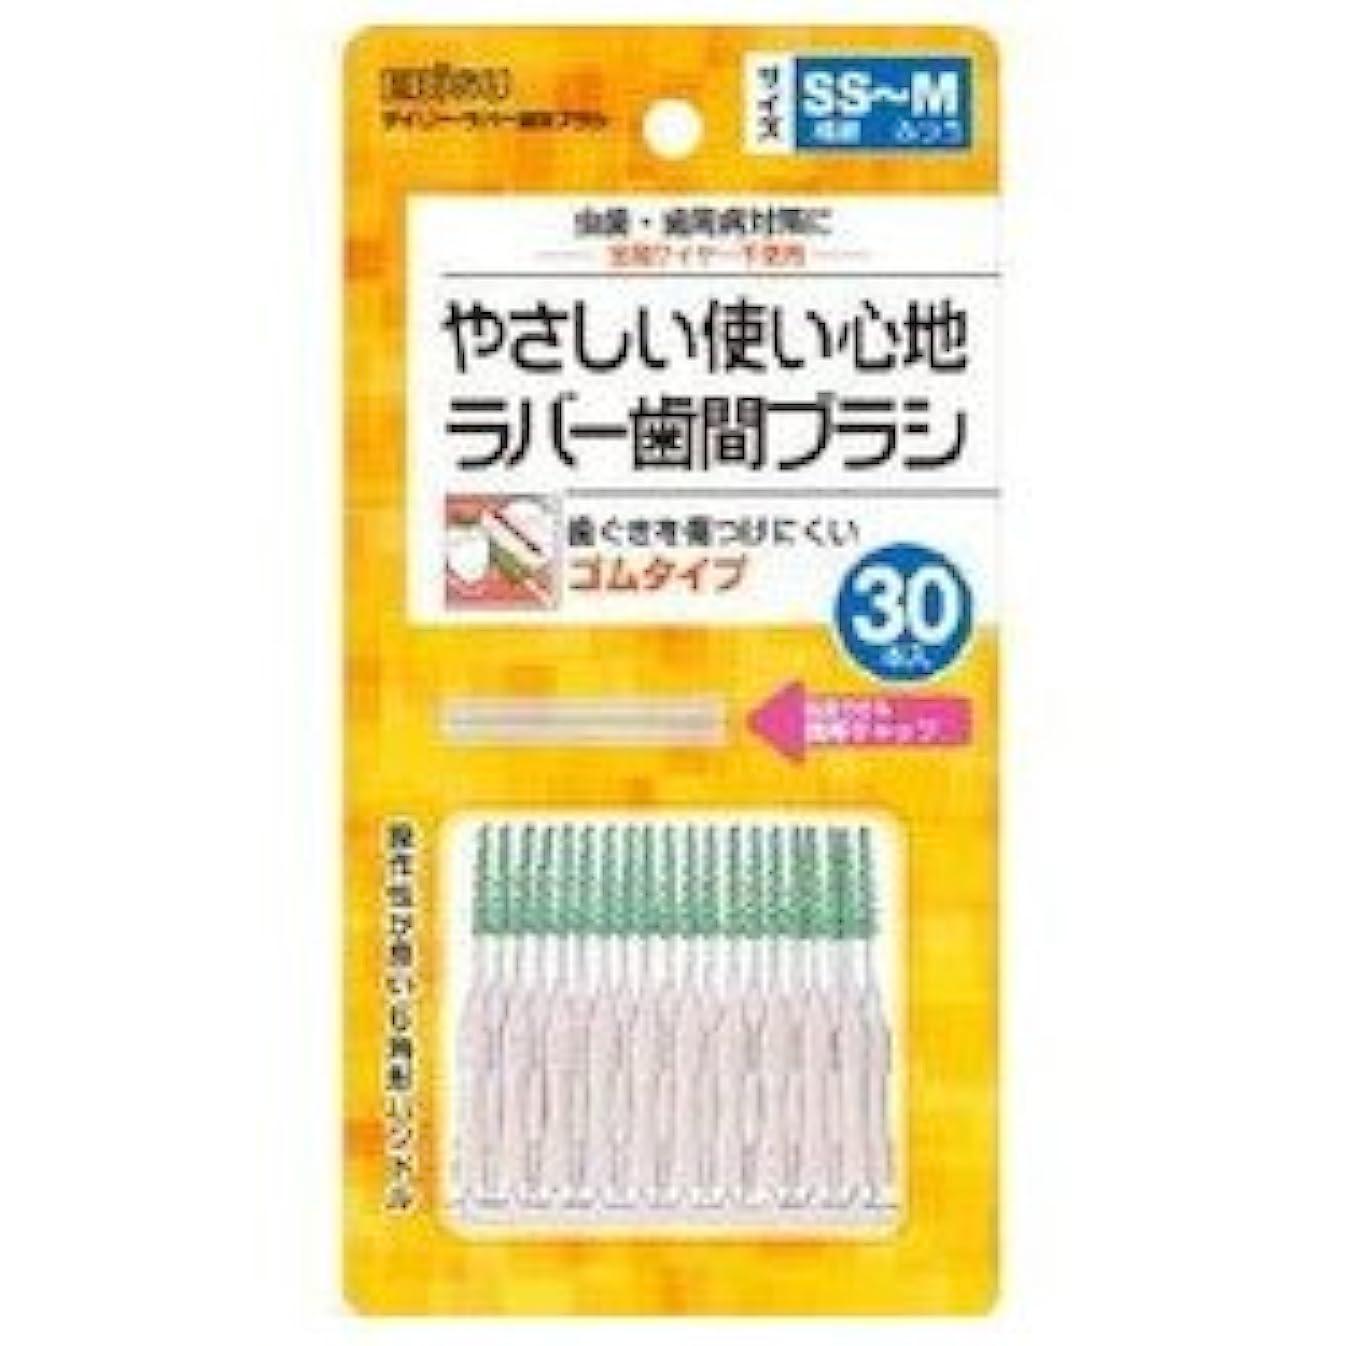 充実住居部門【エビス】デイリーラバー 歯間ブラシ SS~M 30本入 ×5個セット